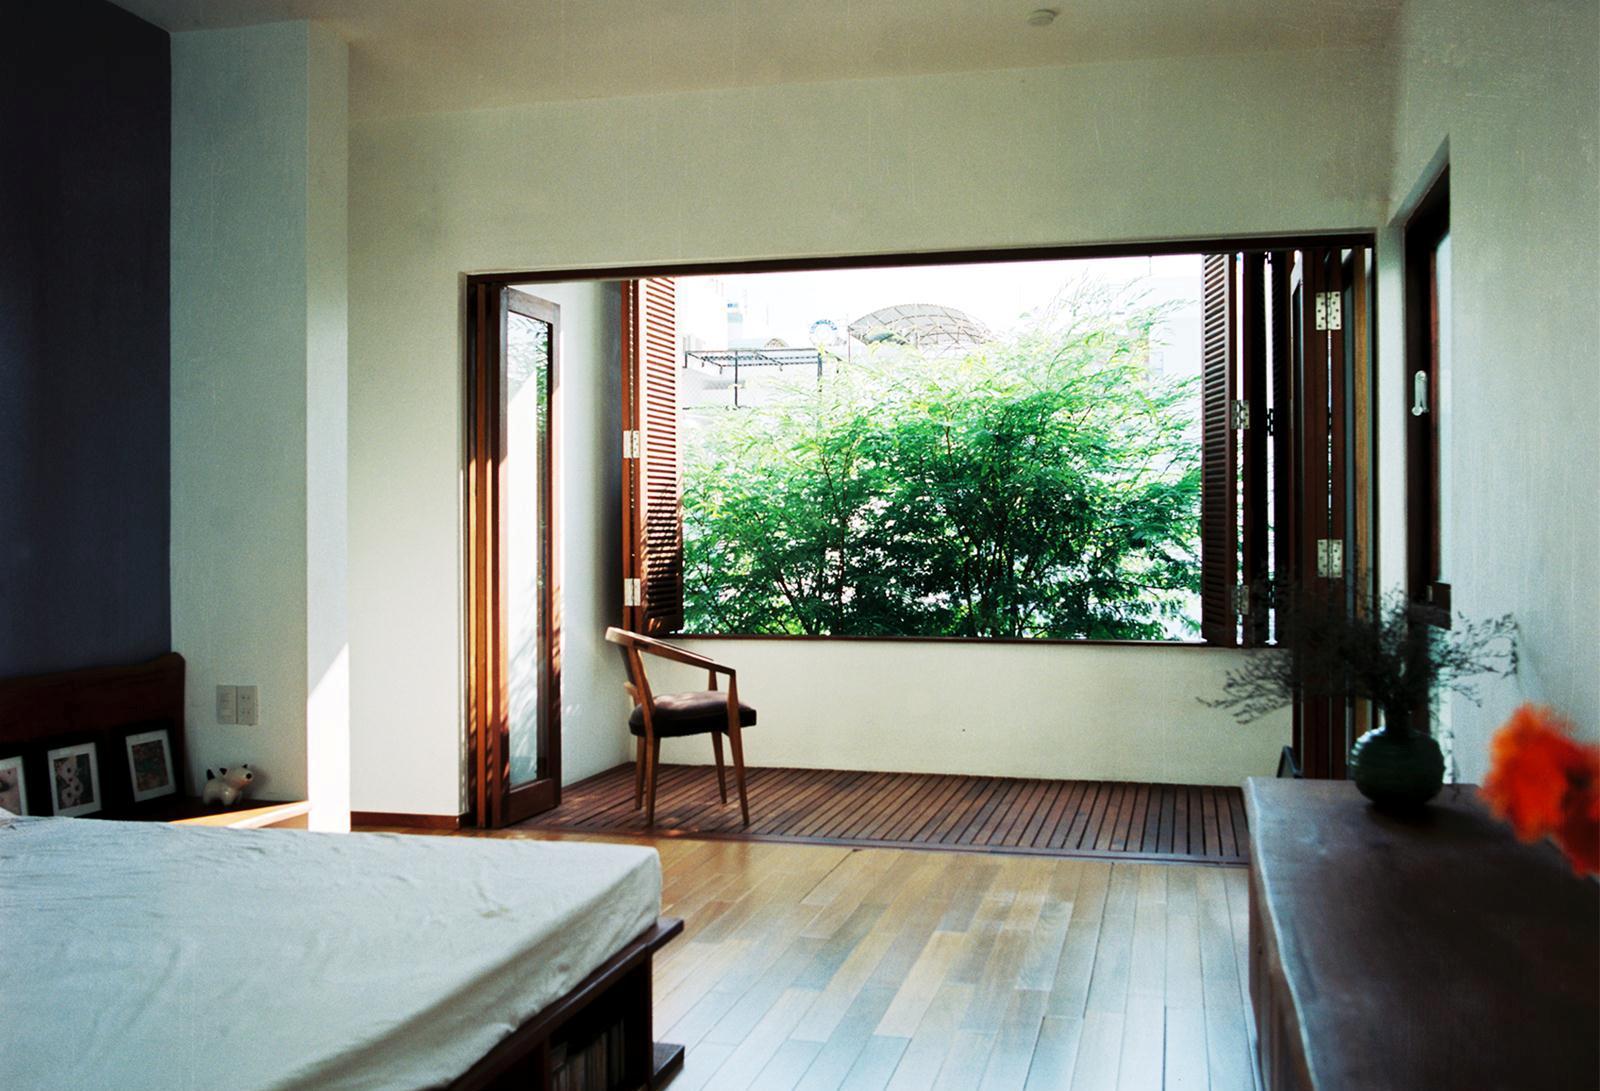 Phòng ngủ chính với không gian đệm nhìn ra khoảng xanh